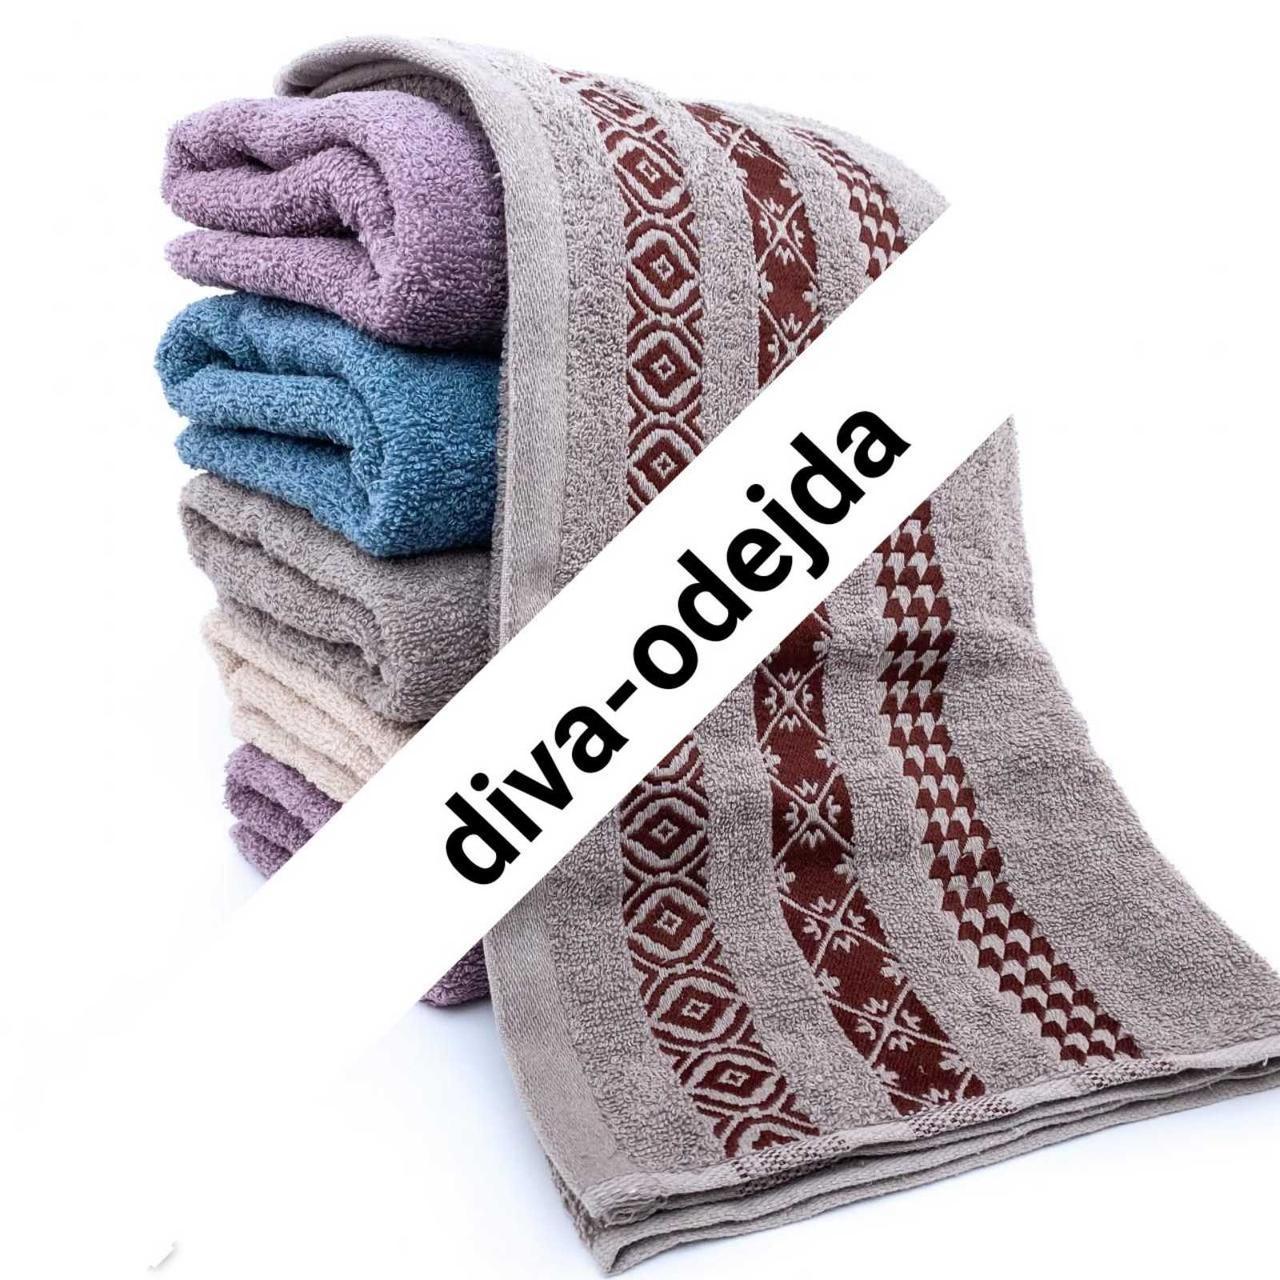 Нежное и качественное банное полотенце.Размер:1,4 x 0,7